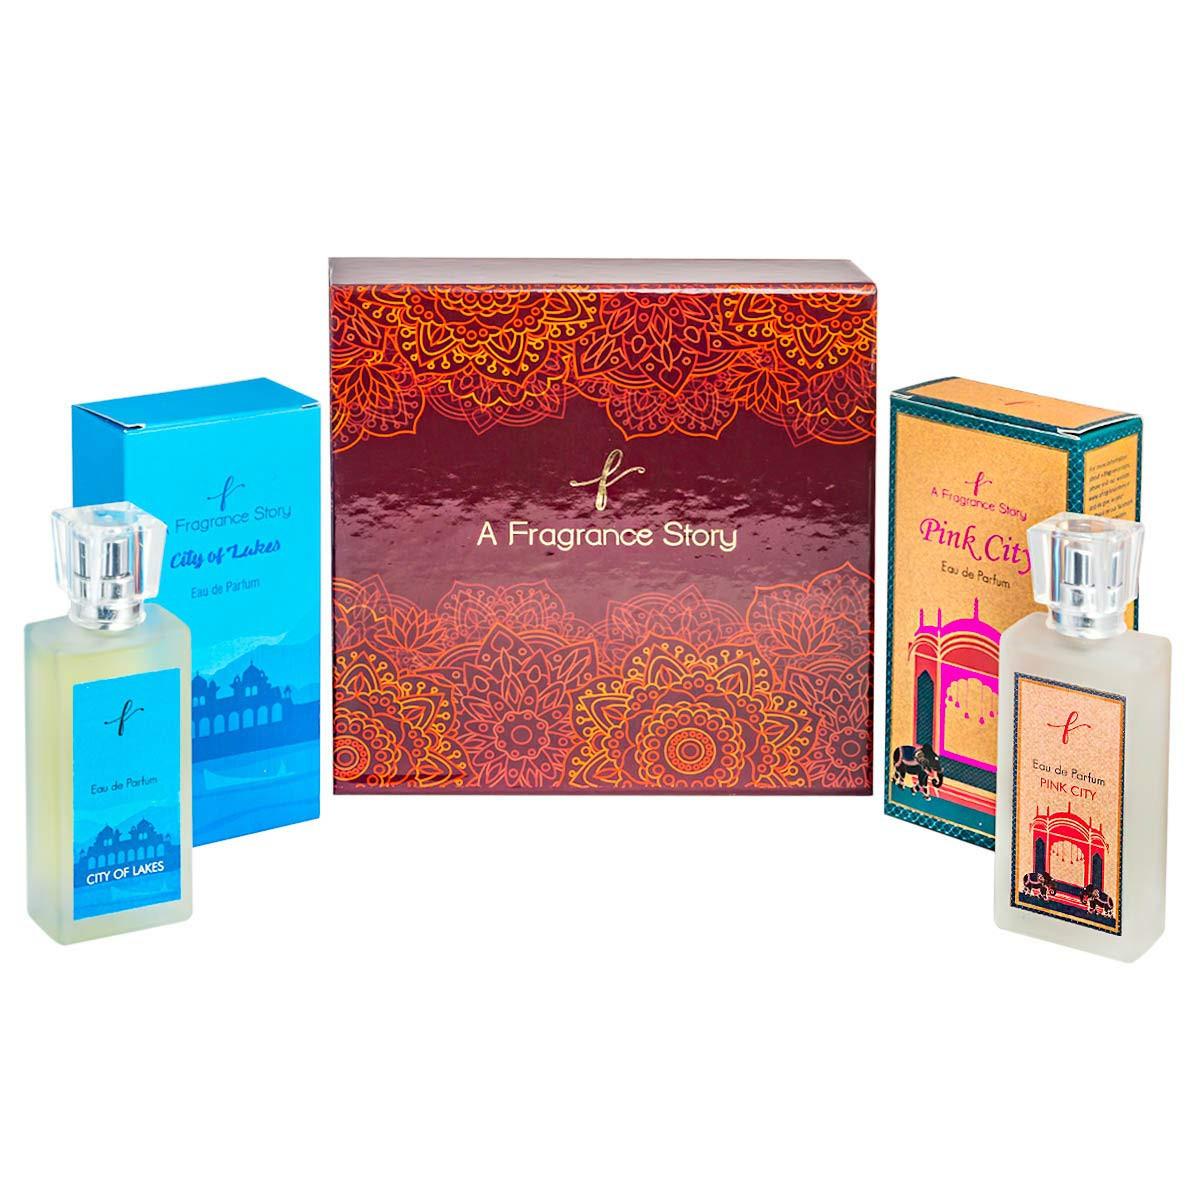 A Fragrance Story Combo Pack of Pink City Eau De Parfum- 50 Ml & City of Lakes Eau de Toilette for Men and Women -50 ml Gift Box